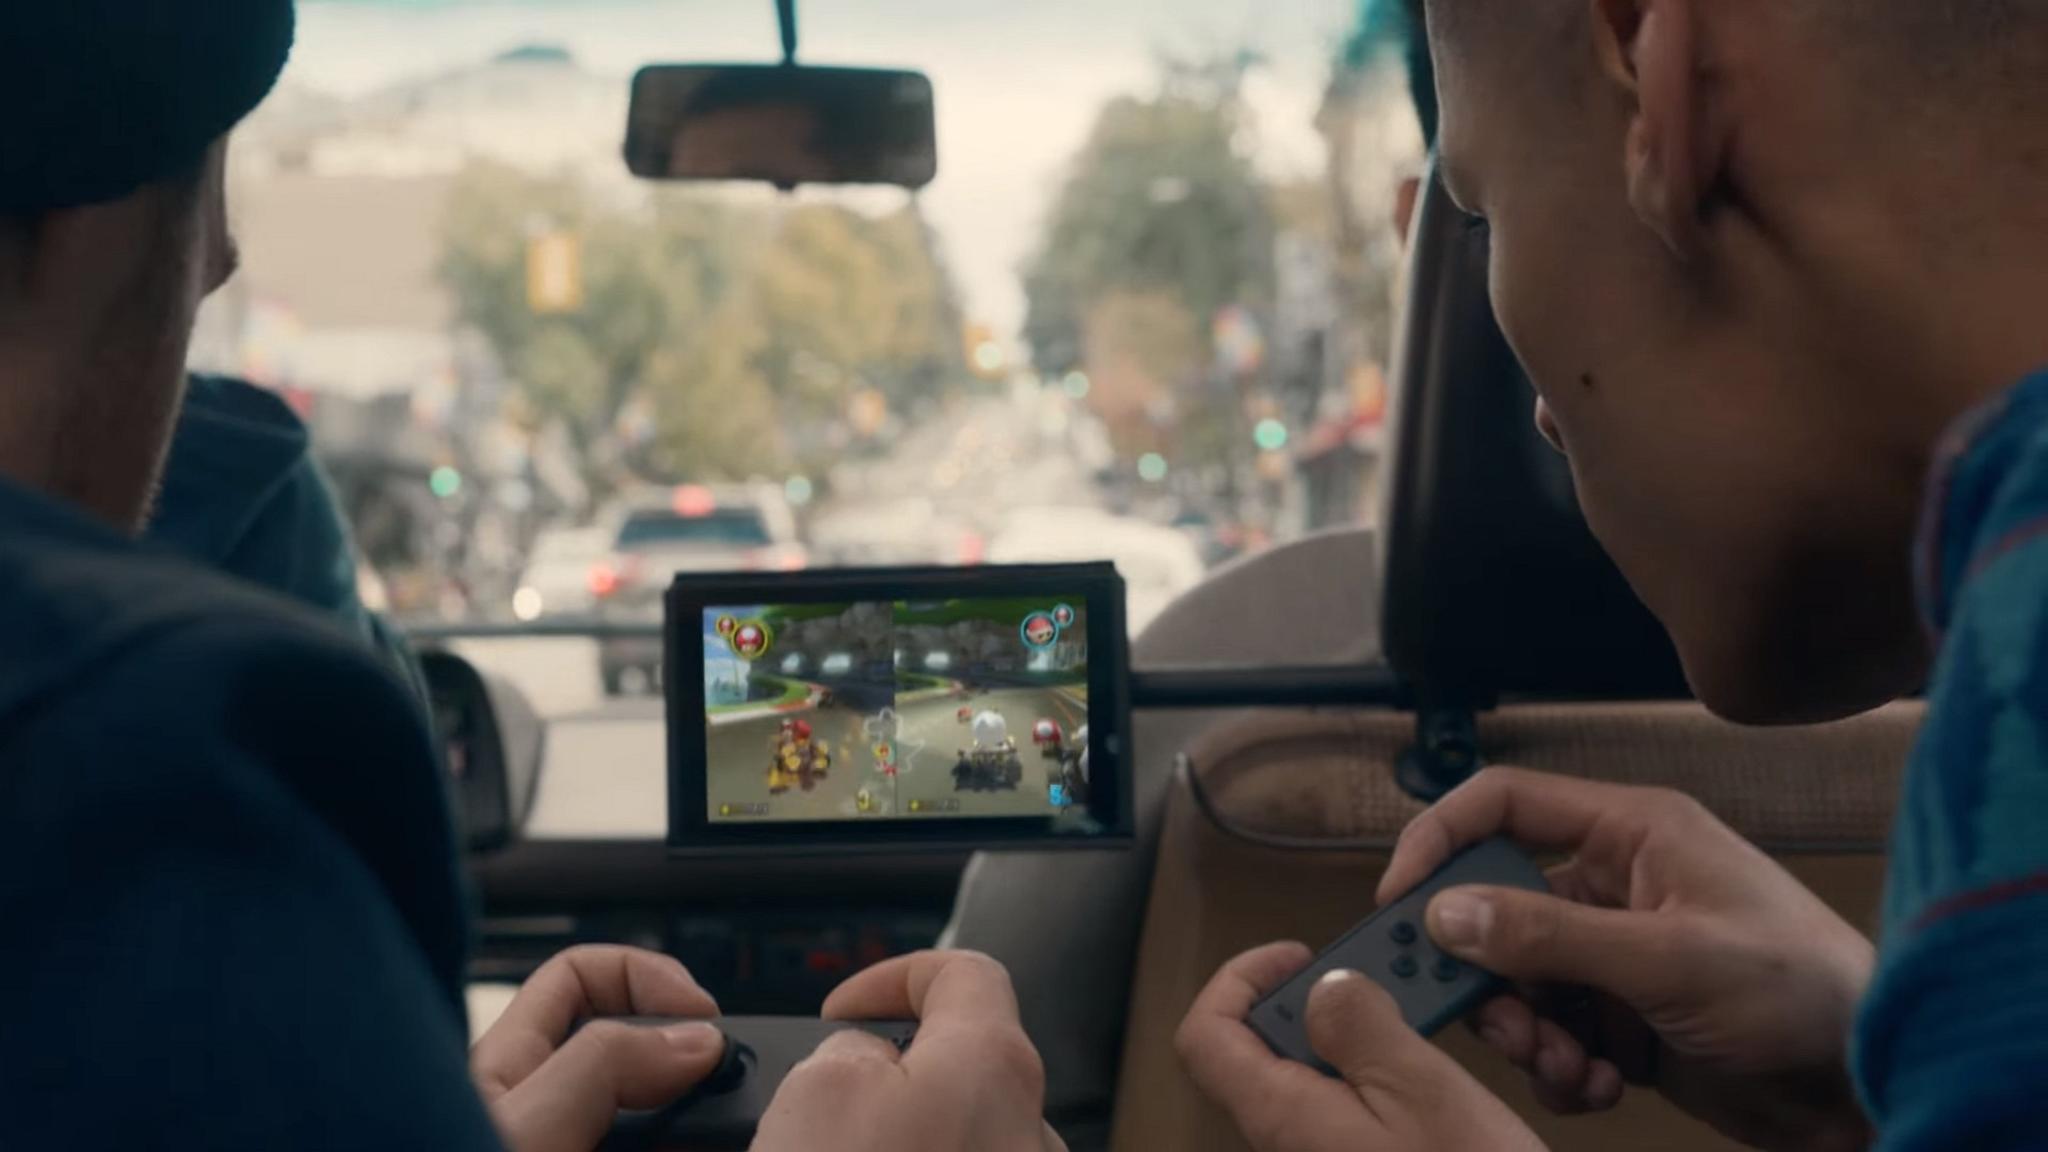 Unterwegs spielen ohne dabei ein Vermögen auszugeben klappt auch mit der Nintendo Switch.